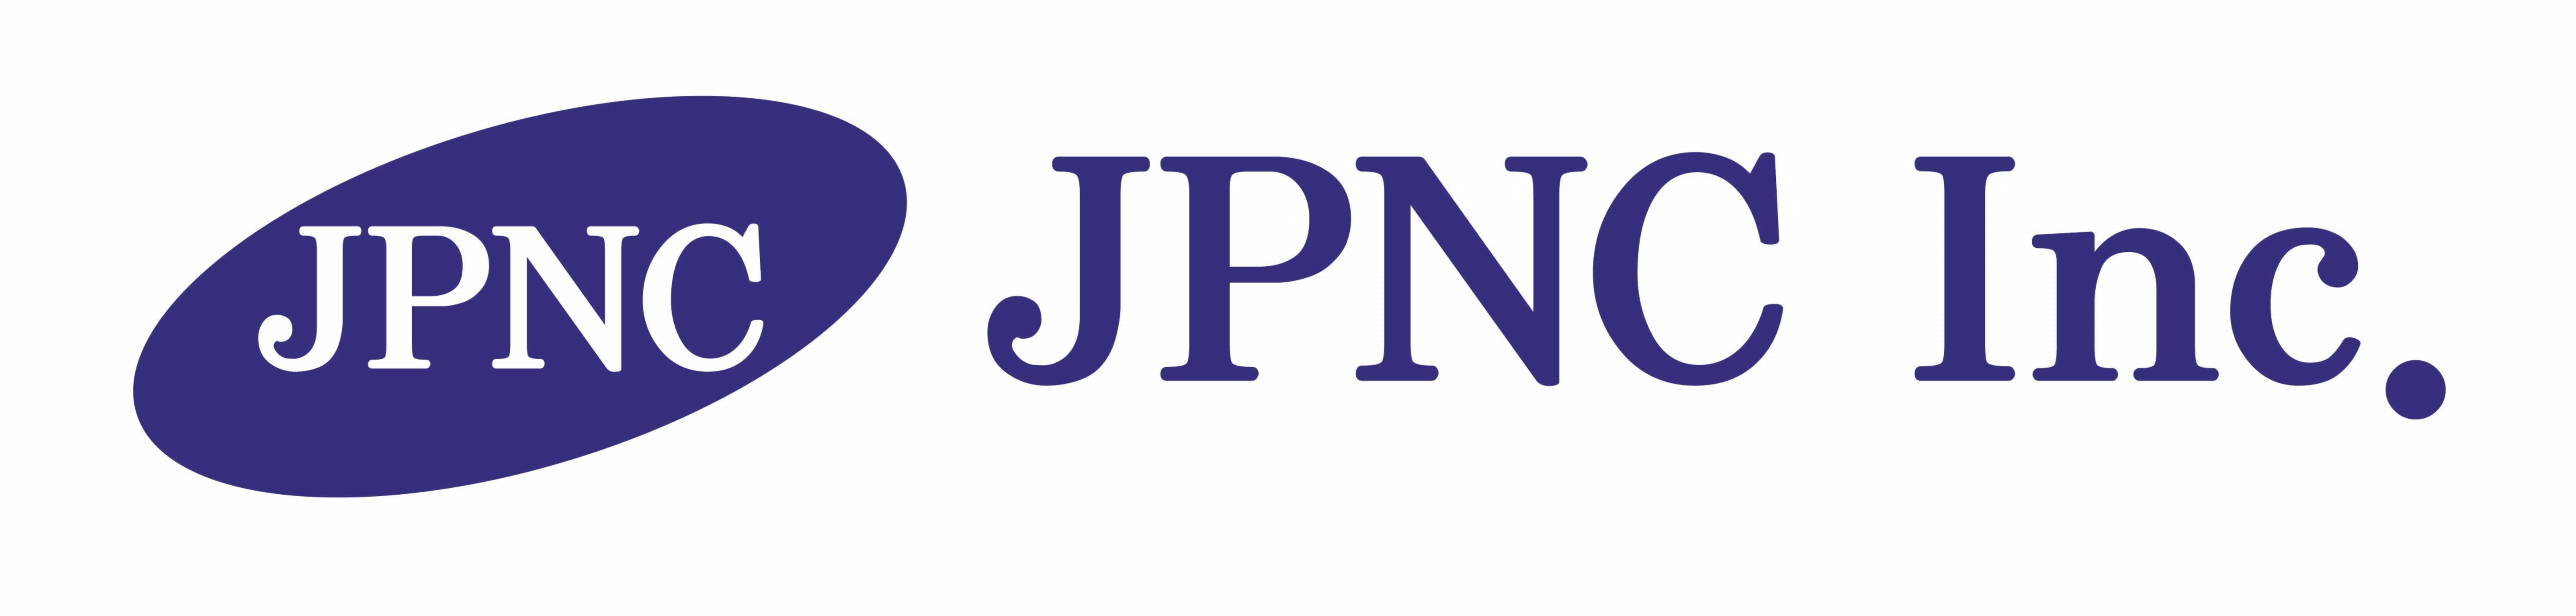 JPNC, Inc.